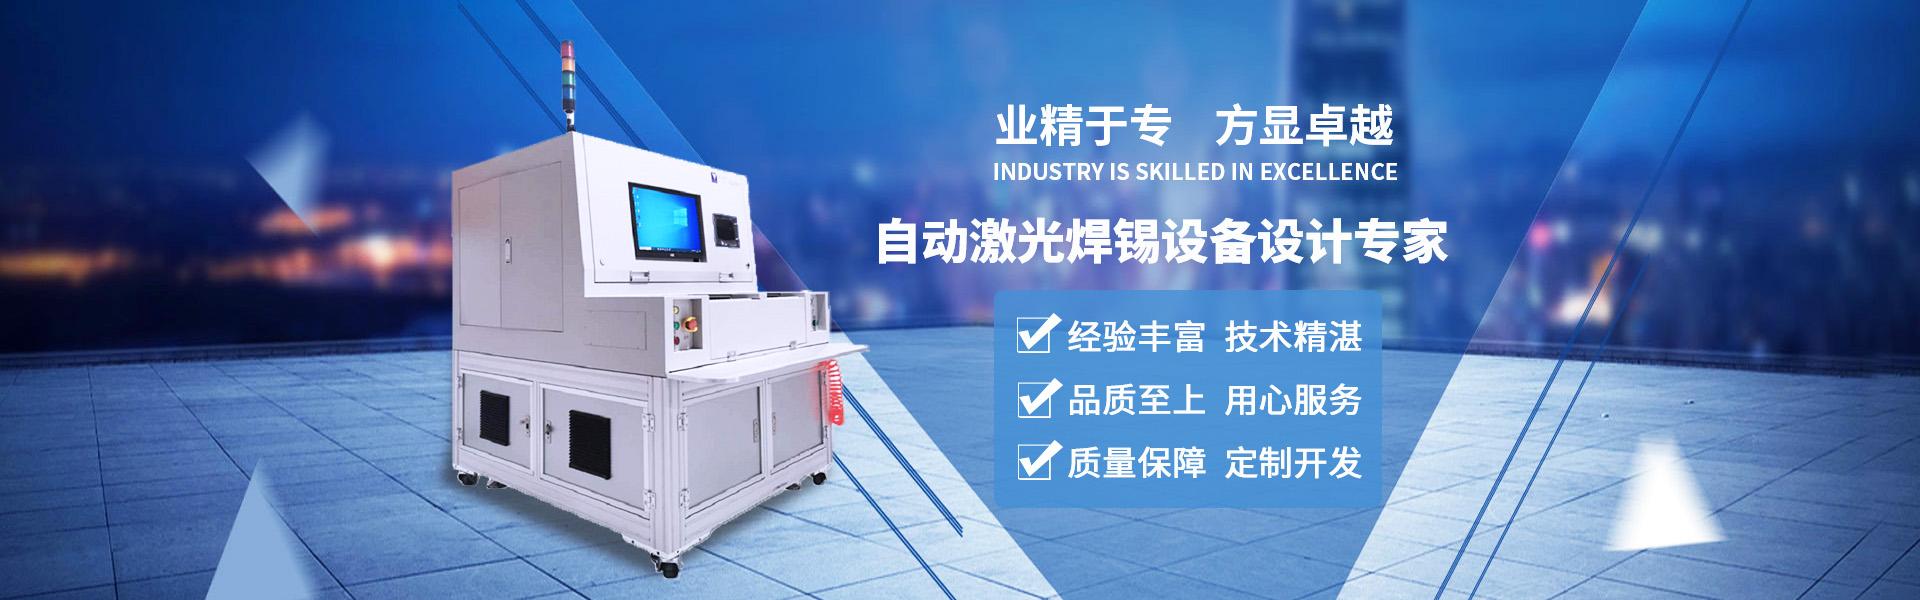 激光植锡球自动焊接设备